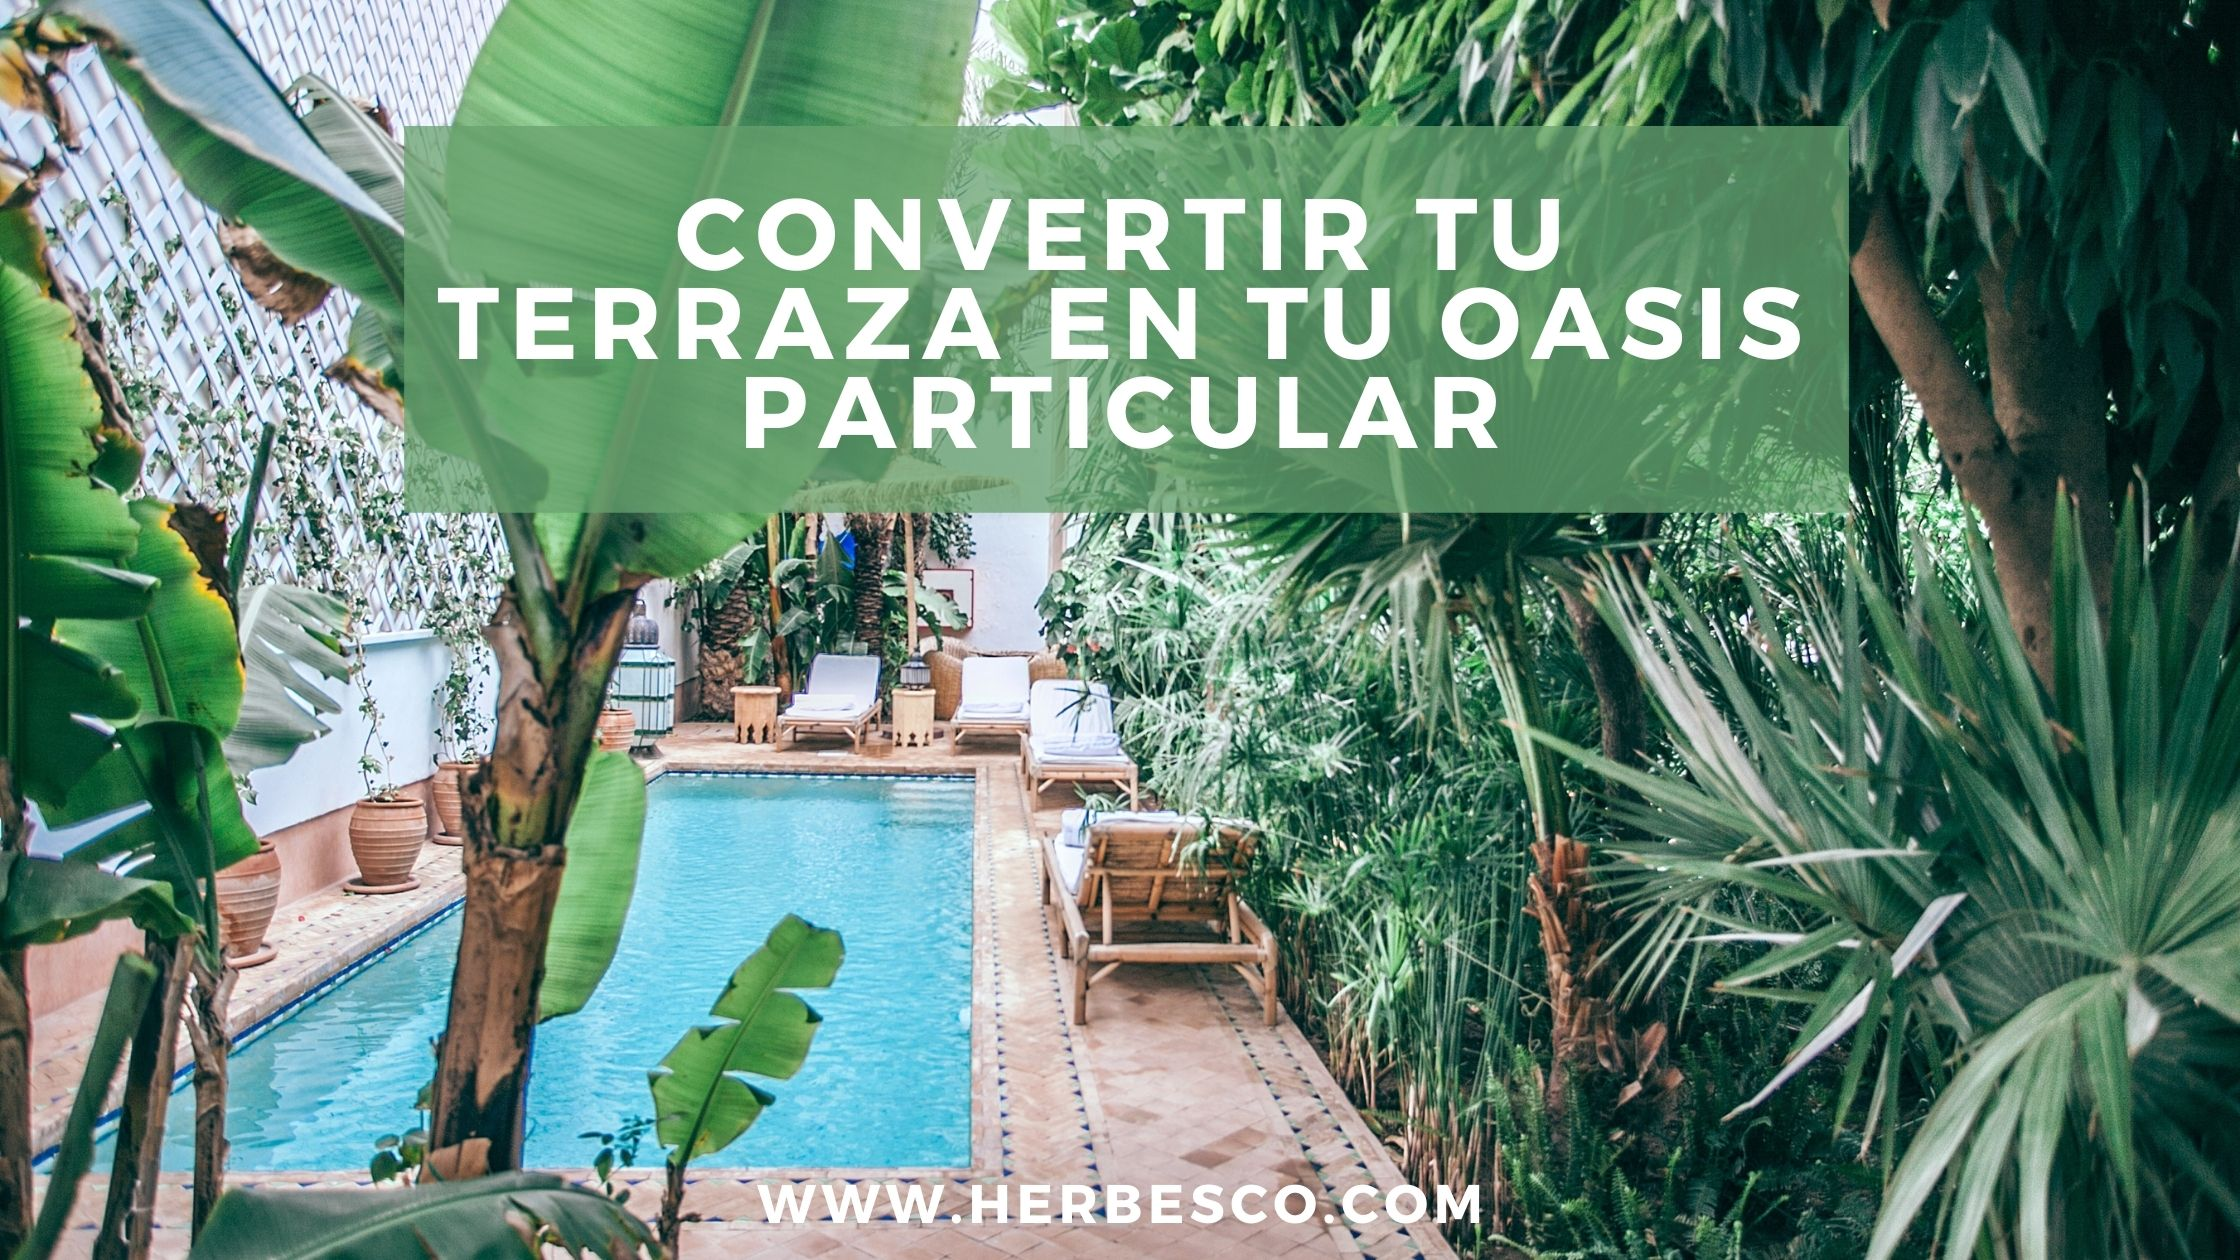 convertir-tu-terraza-en-tu-oasis-particular-1